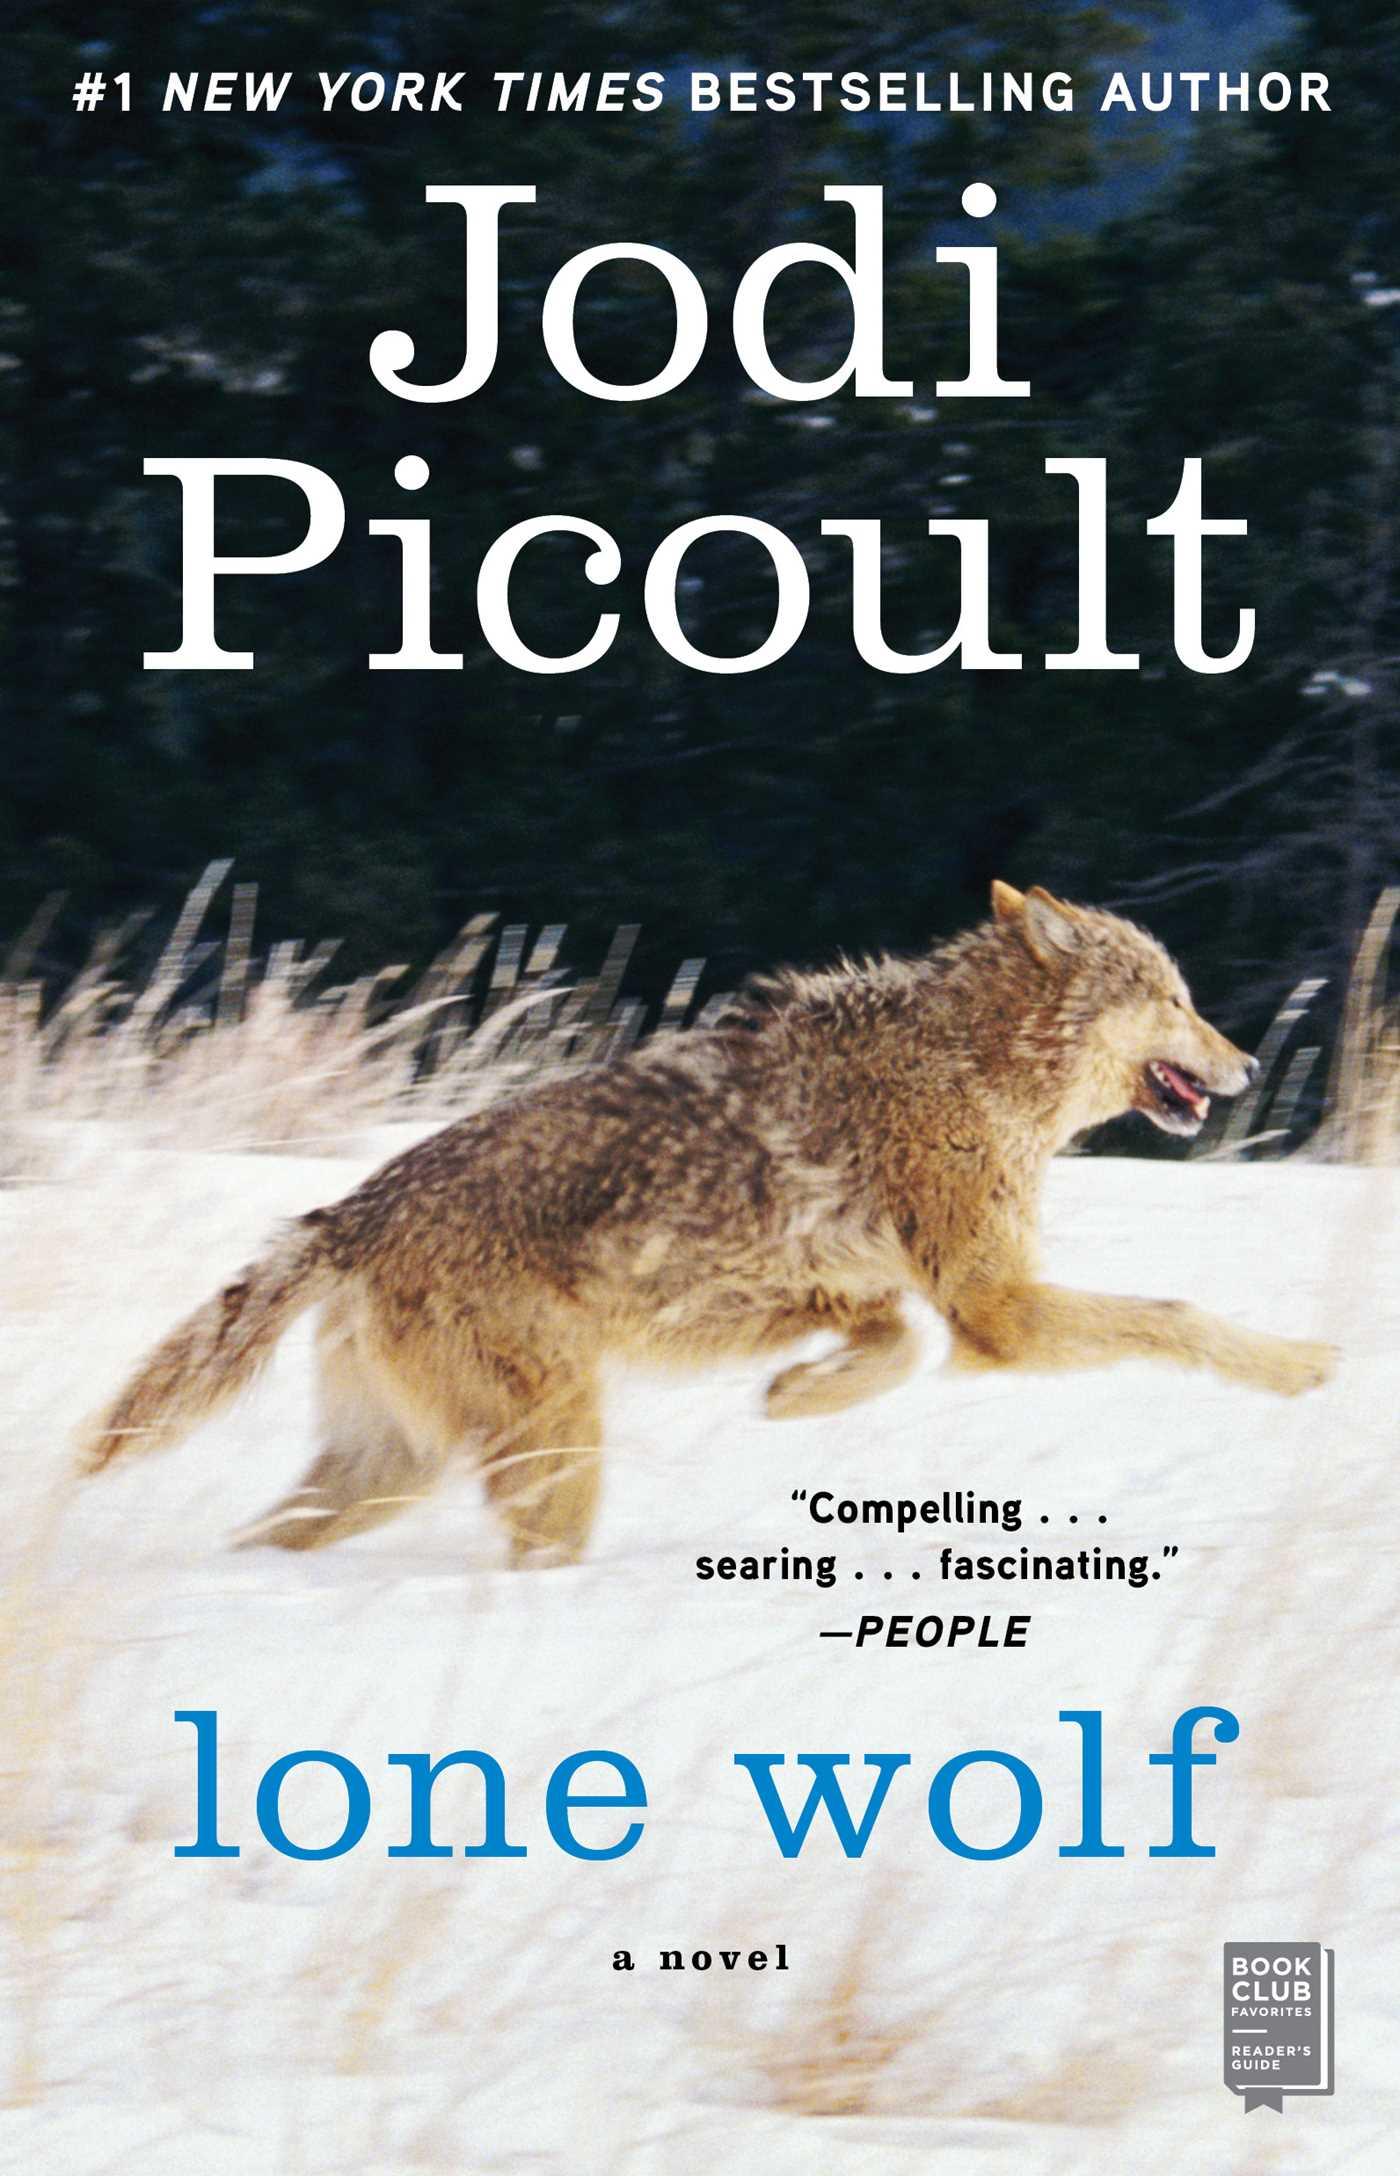 Lone wolf 9781439102756 hr